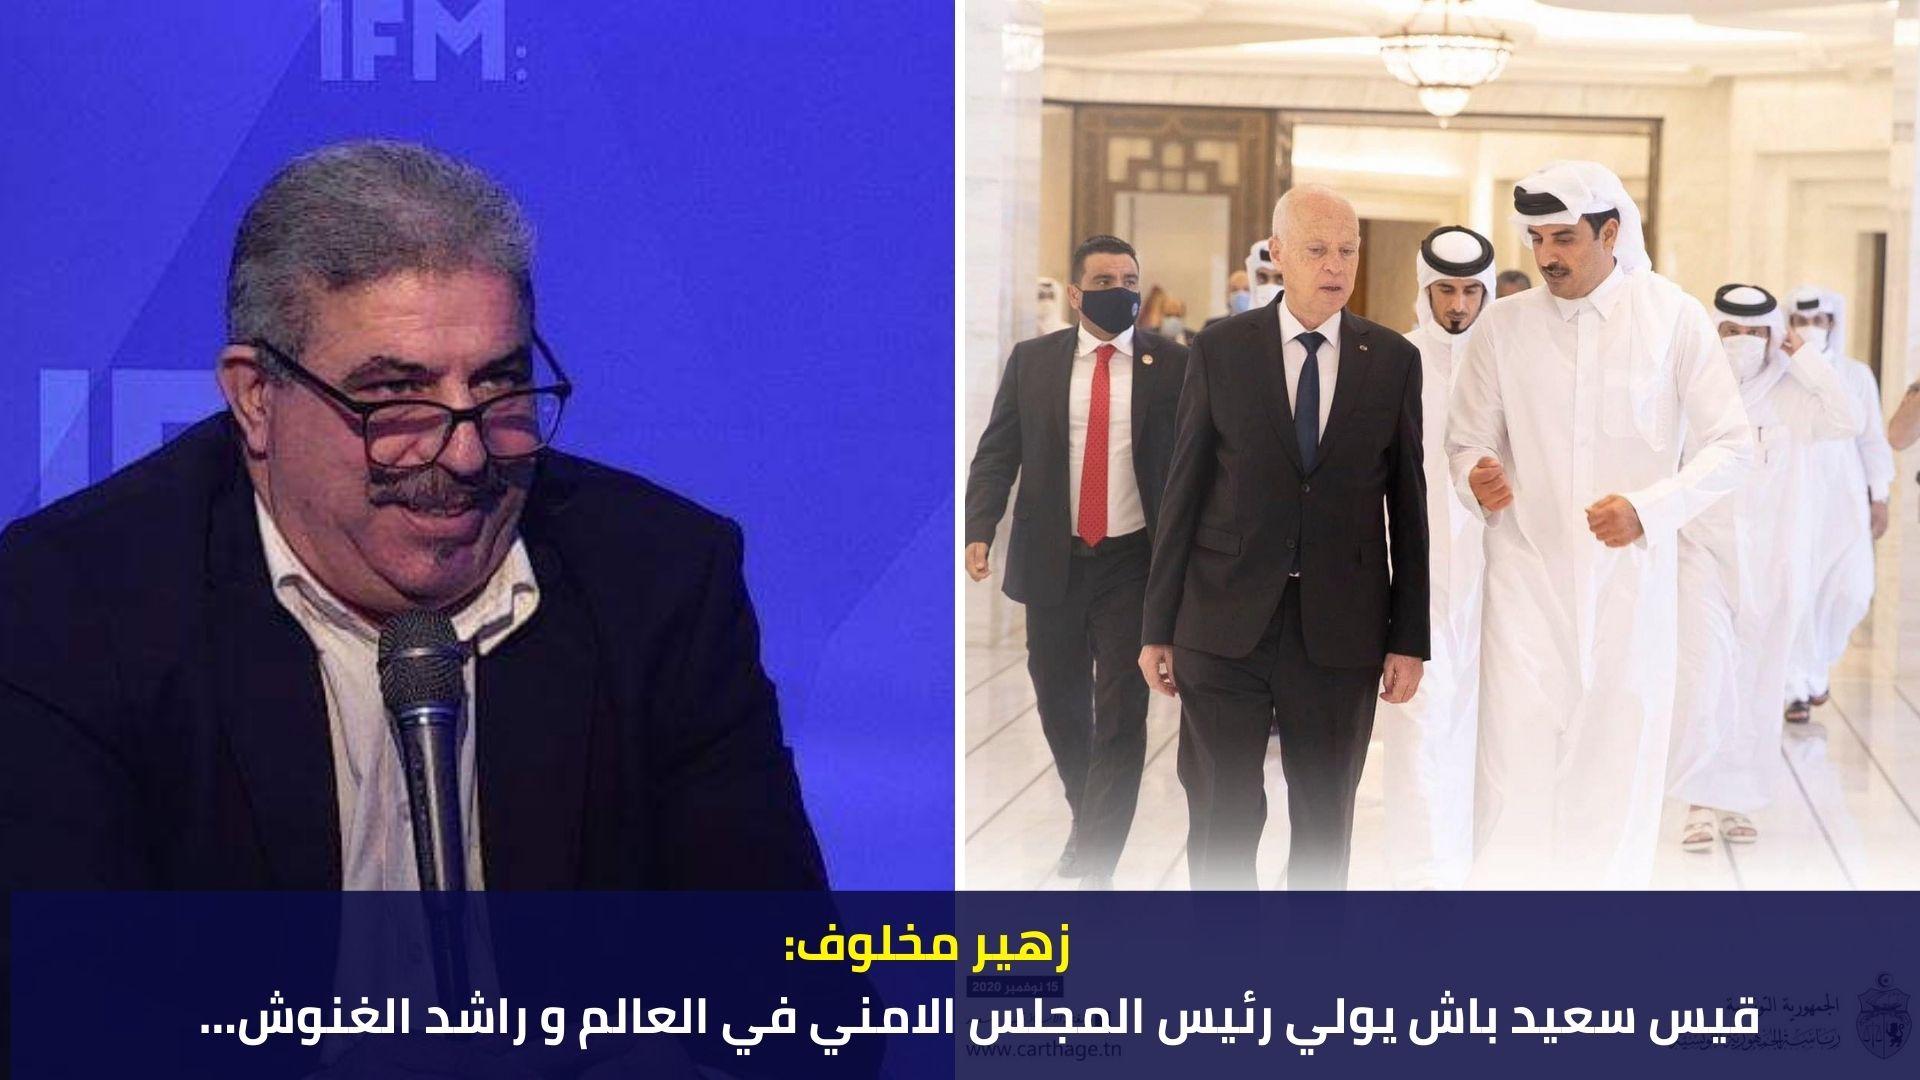 ...زهير مخلوف : قيس سعيد باش يولي رئيس المجلس الامني في العالم و راشد الغنوشي